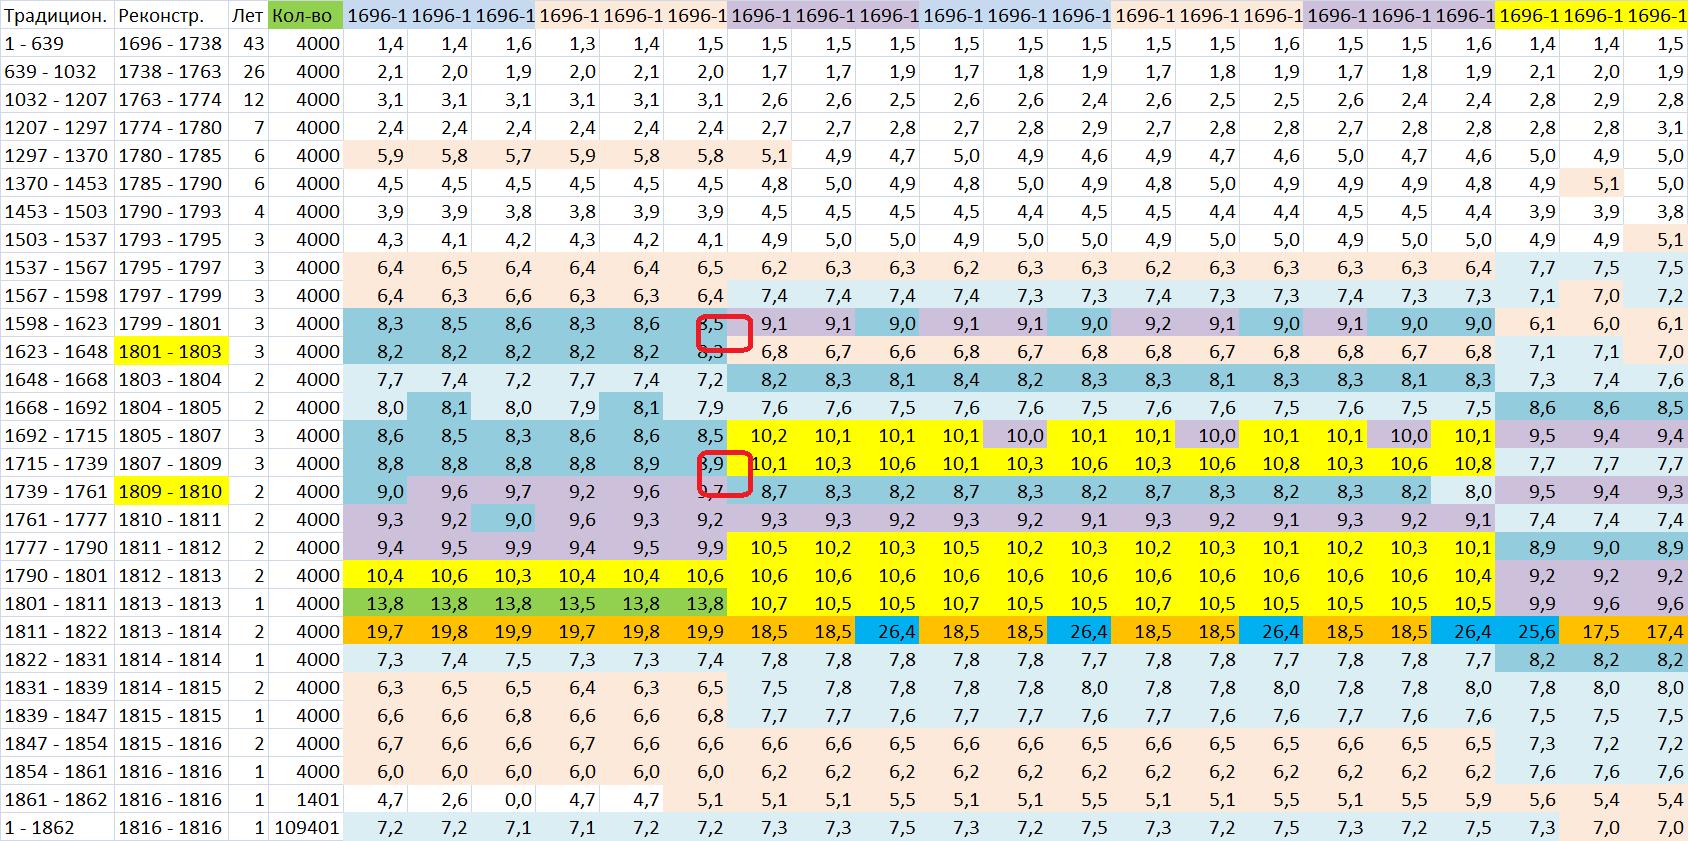 Общий алгоритм устройства хронологии найден 1606267_original